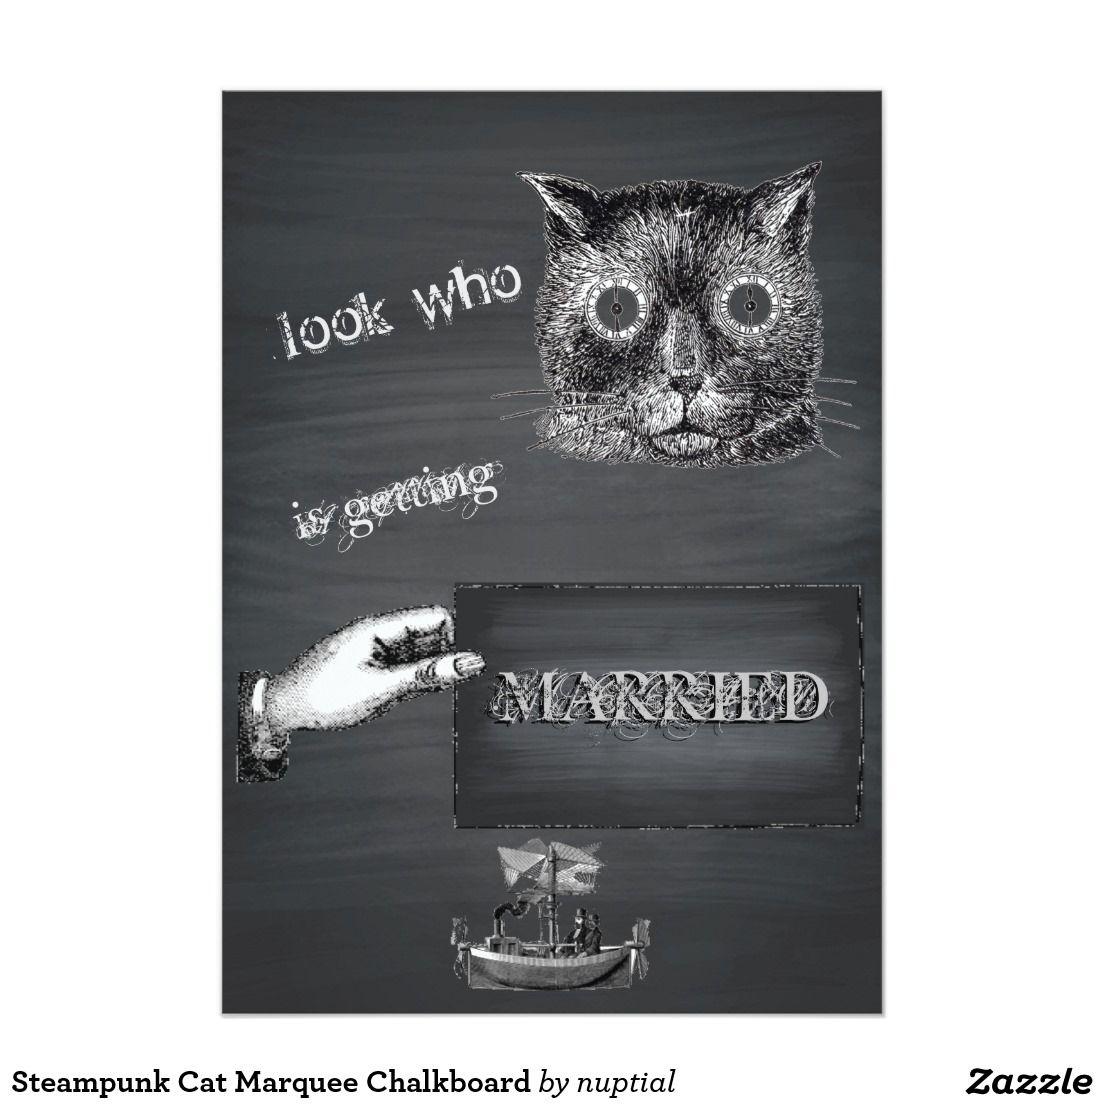 Steampunk Cat Marquee Chalkboard